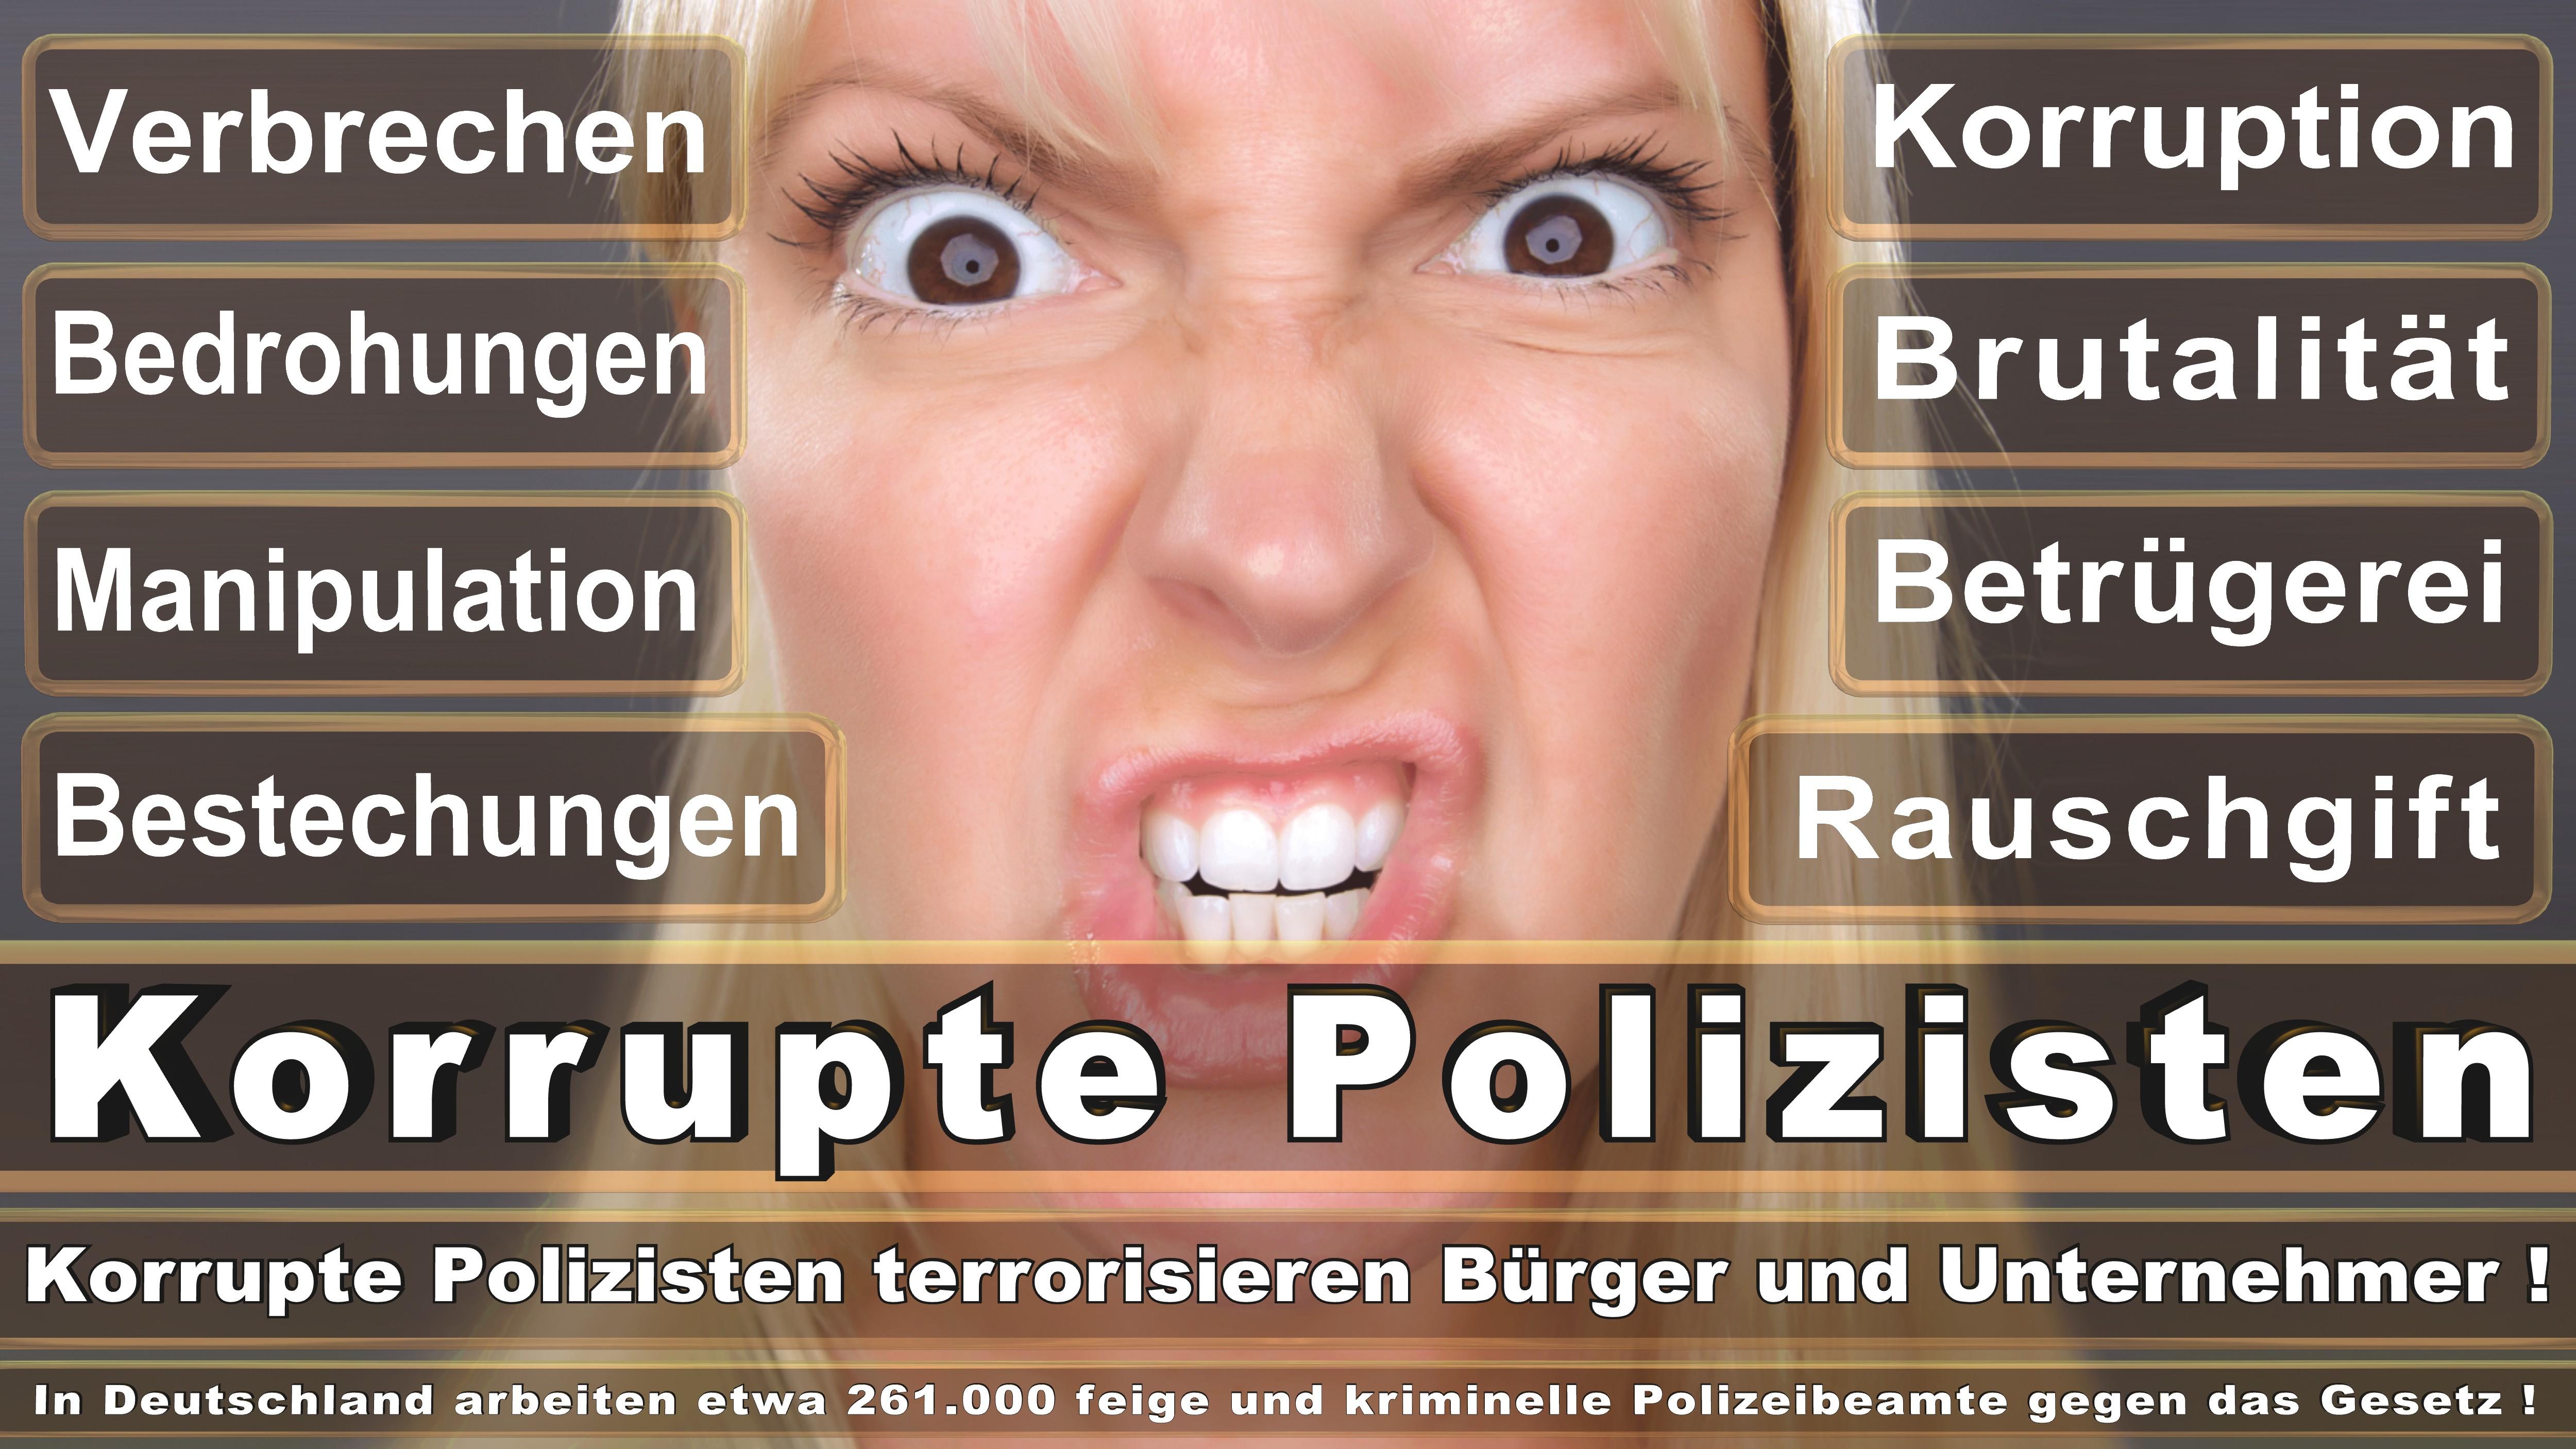 Polizei-Bielefeld (161) Polizeiuniform, Deutschland Amtsbezeichnungen, der, Kriminalassistentenanwärter im Vorbereitungsdienst Kriminalassistentenanwärter,